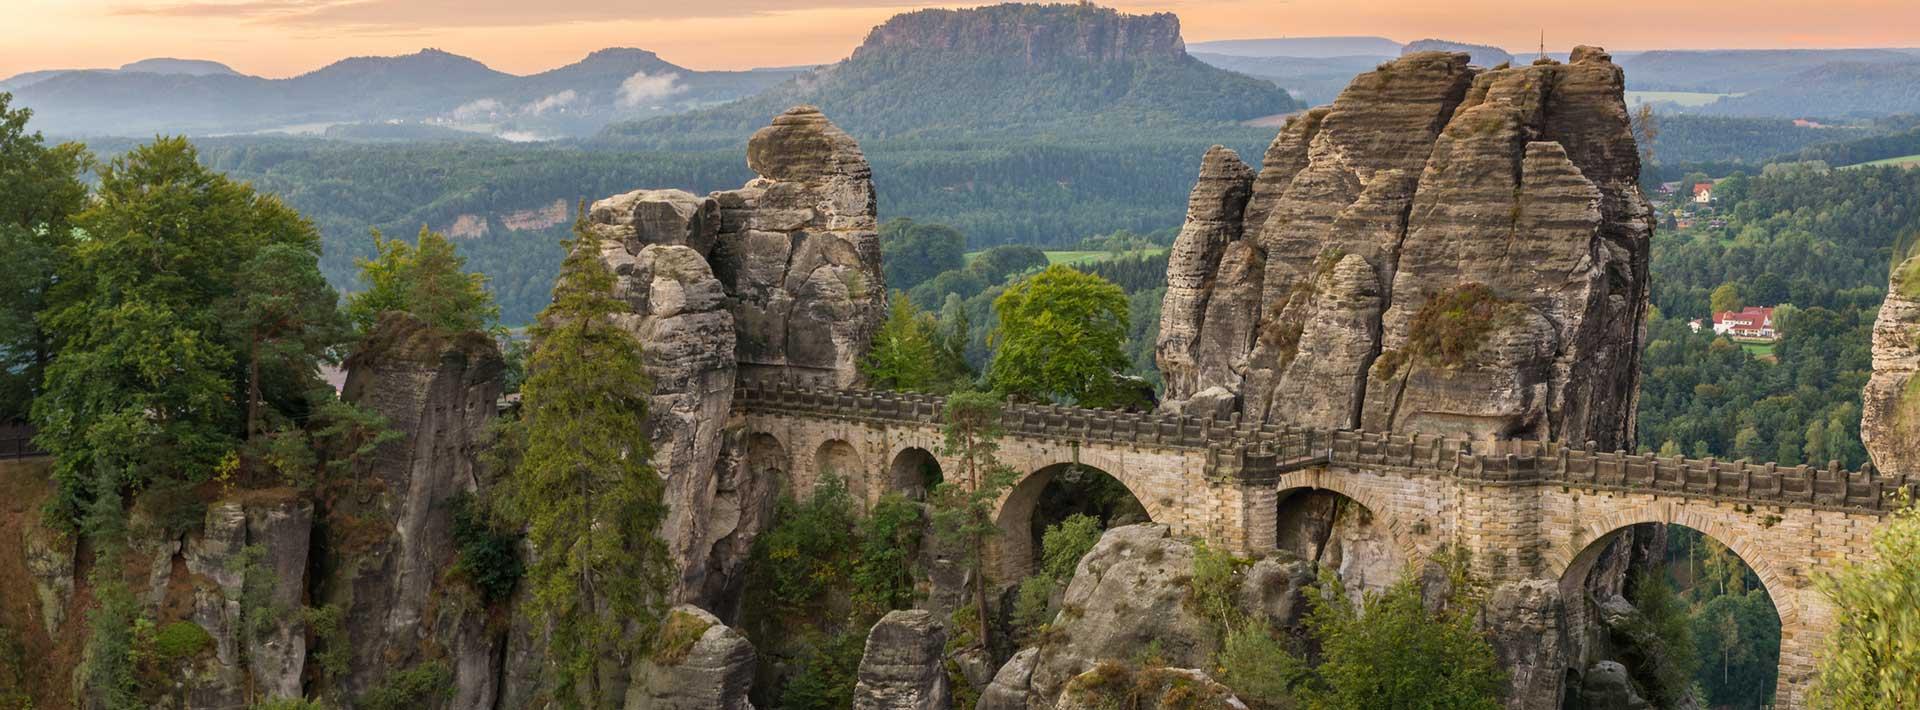 Sächsische Schweiz entdecken bei der Mountain Bike Tour mit ALPStours Sachen trails.